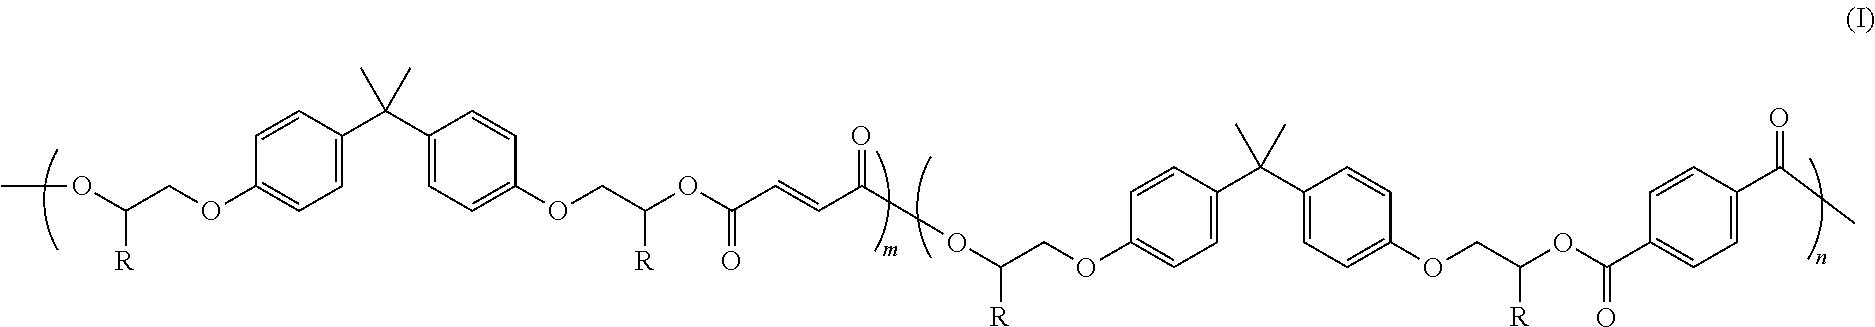 Figure US20110217647A1-20110908-C00003